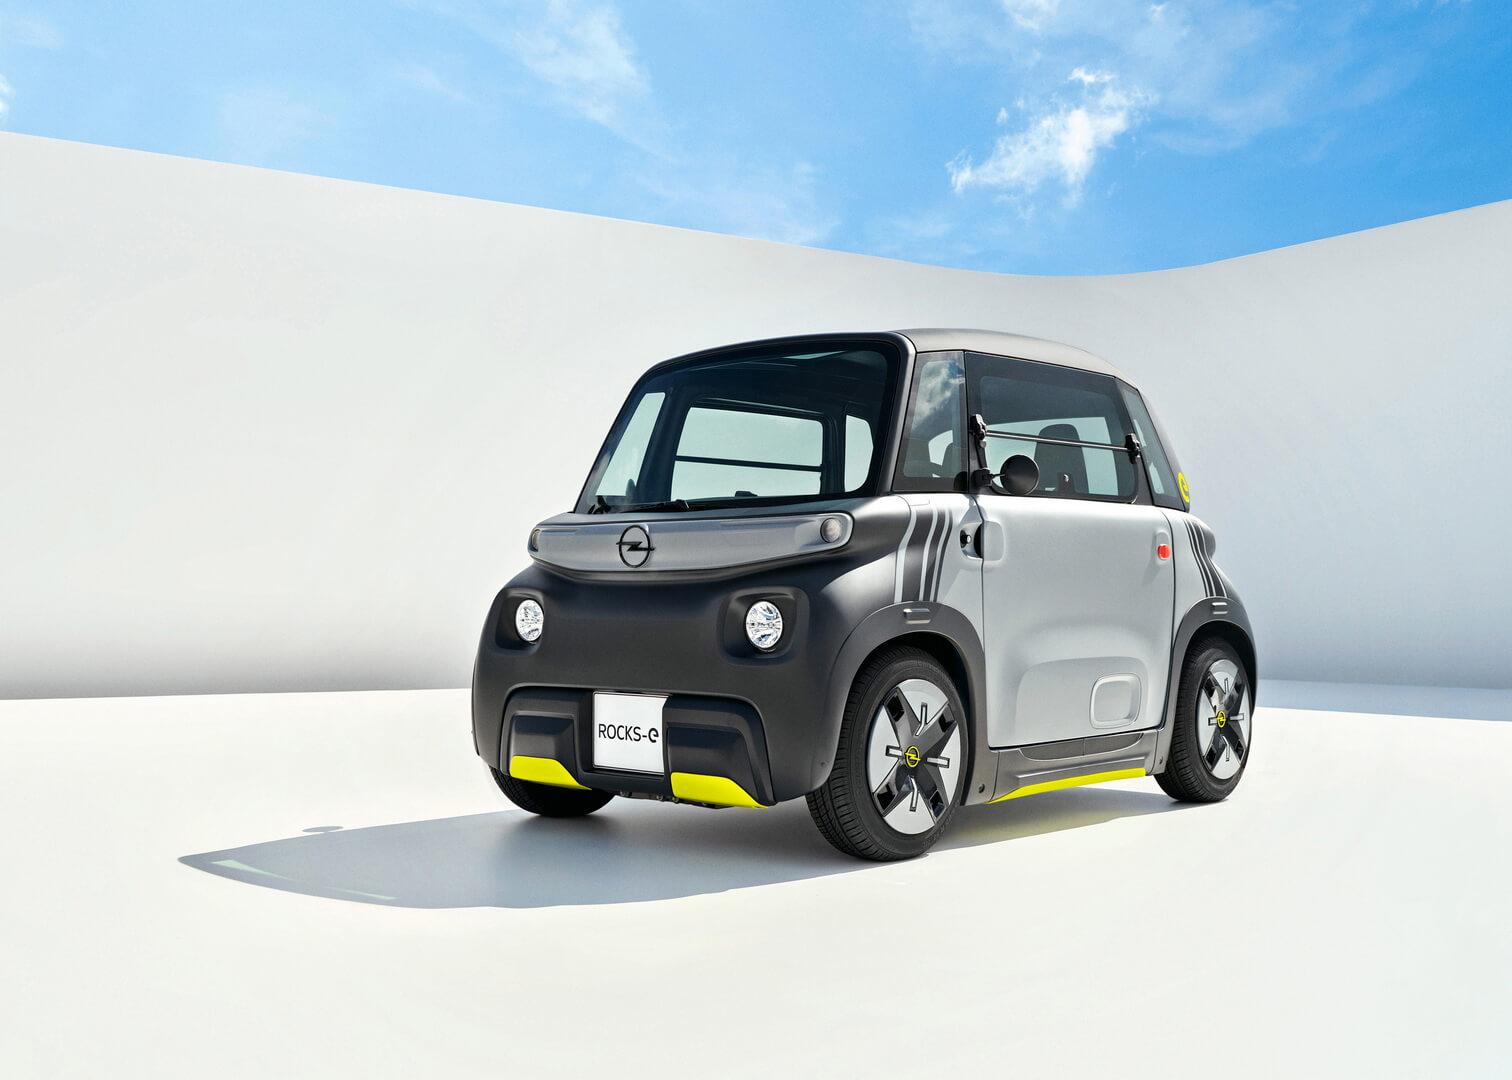 Миниатюрный электромобиль Citroen Ami получил брата Opel Rocks-e